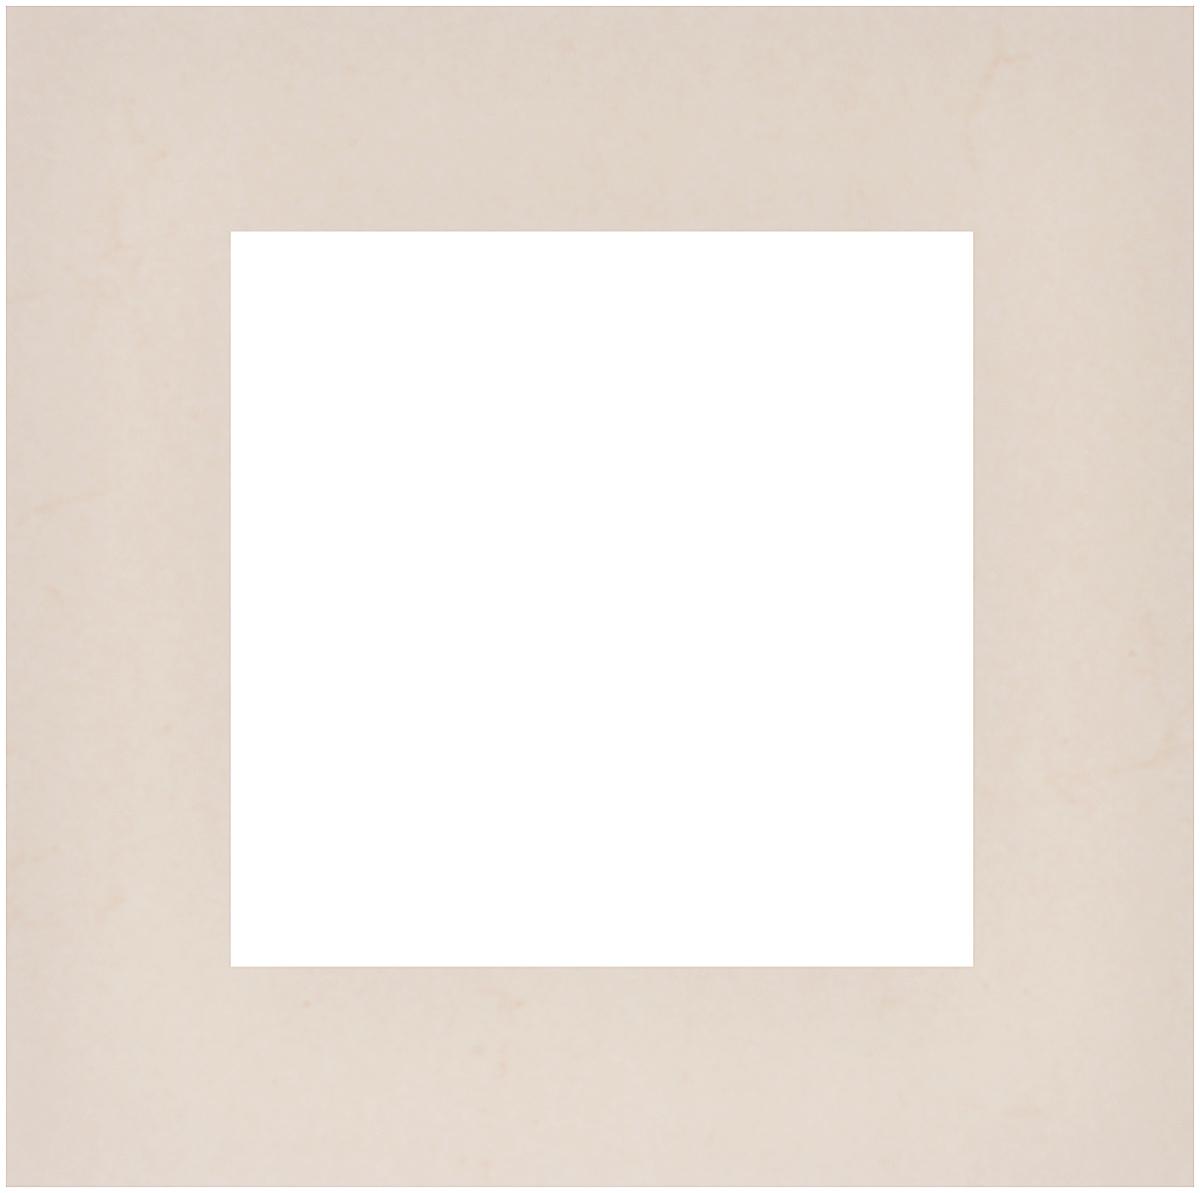 Паспарту Василиса, цвет: светло-бежевый, 20 см х 20 см549618Паспарту Василиса, изготовленное из плотного картона, предназначено для оформления художественных работ и фотографий. Оно располагается между багетной рамой и изображением, делая акцент на фотографии, усиливая ее визуальное восприятие. Кроме того, на паспарту часто располагают поясняющие подписи, автограф изображенного. Внешний размер: 20 см х 20 см. Внутренний размер: 12 см х 12 см.